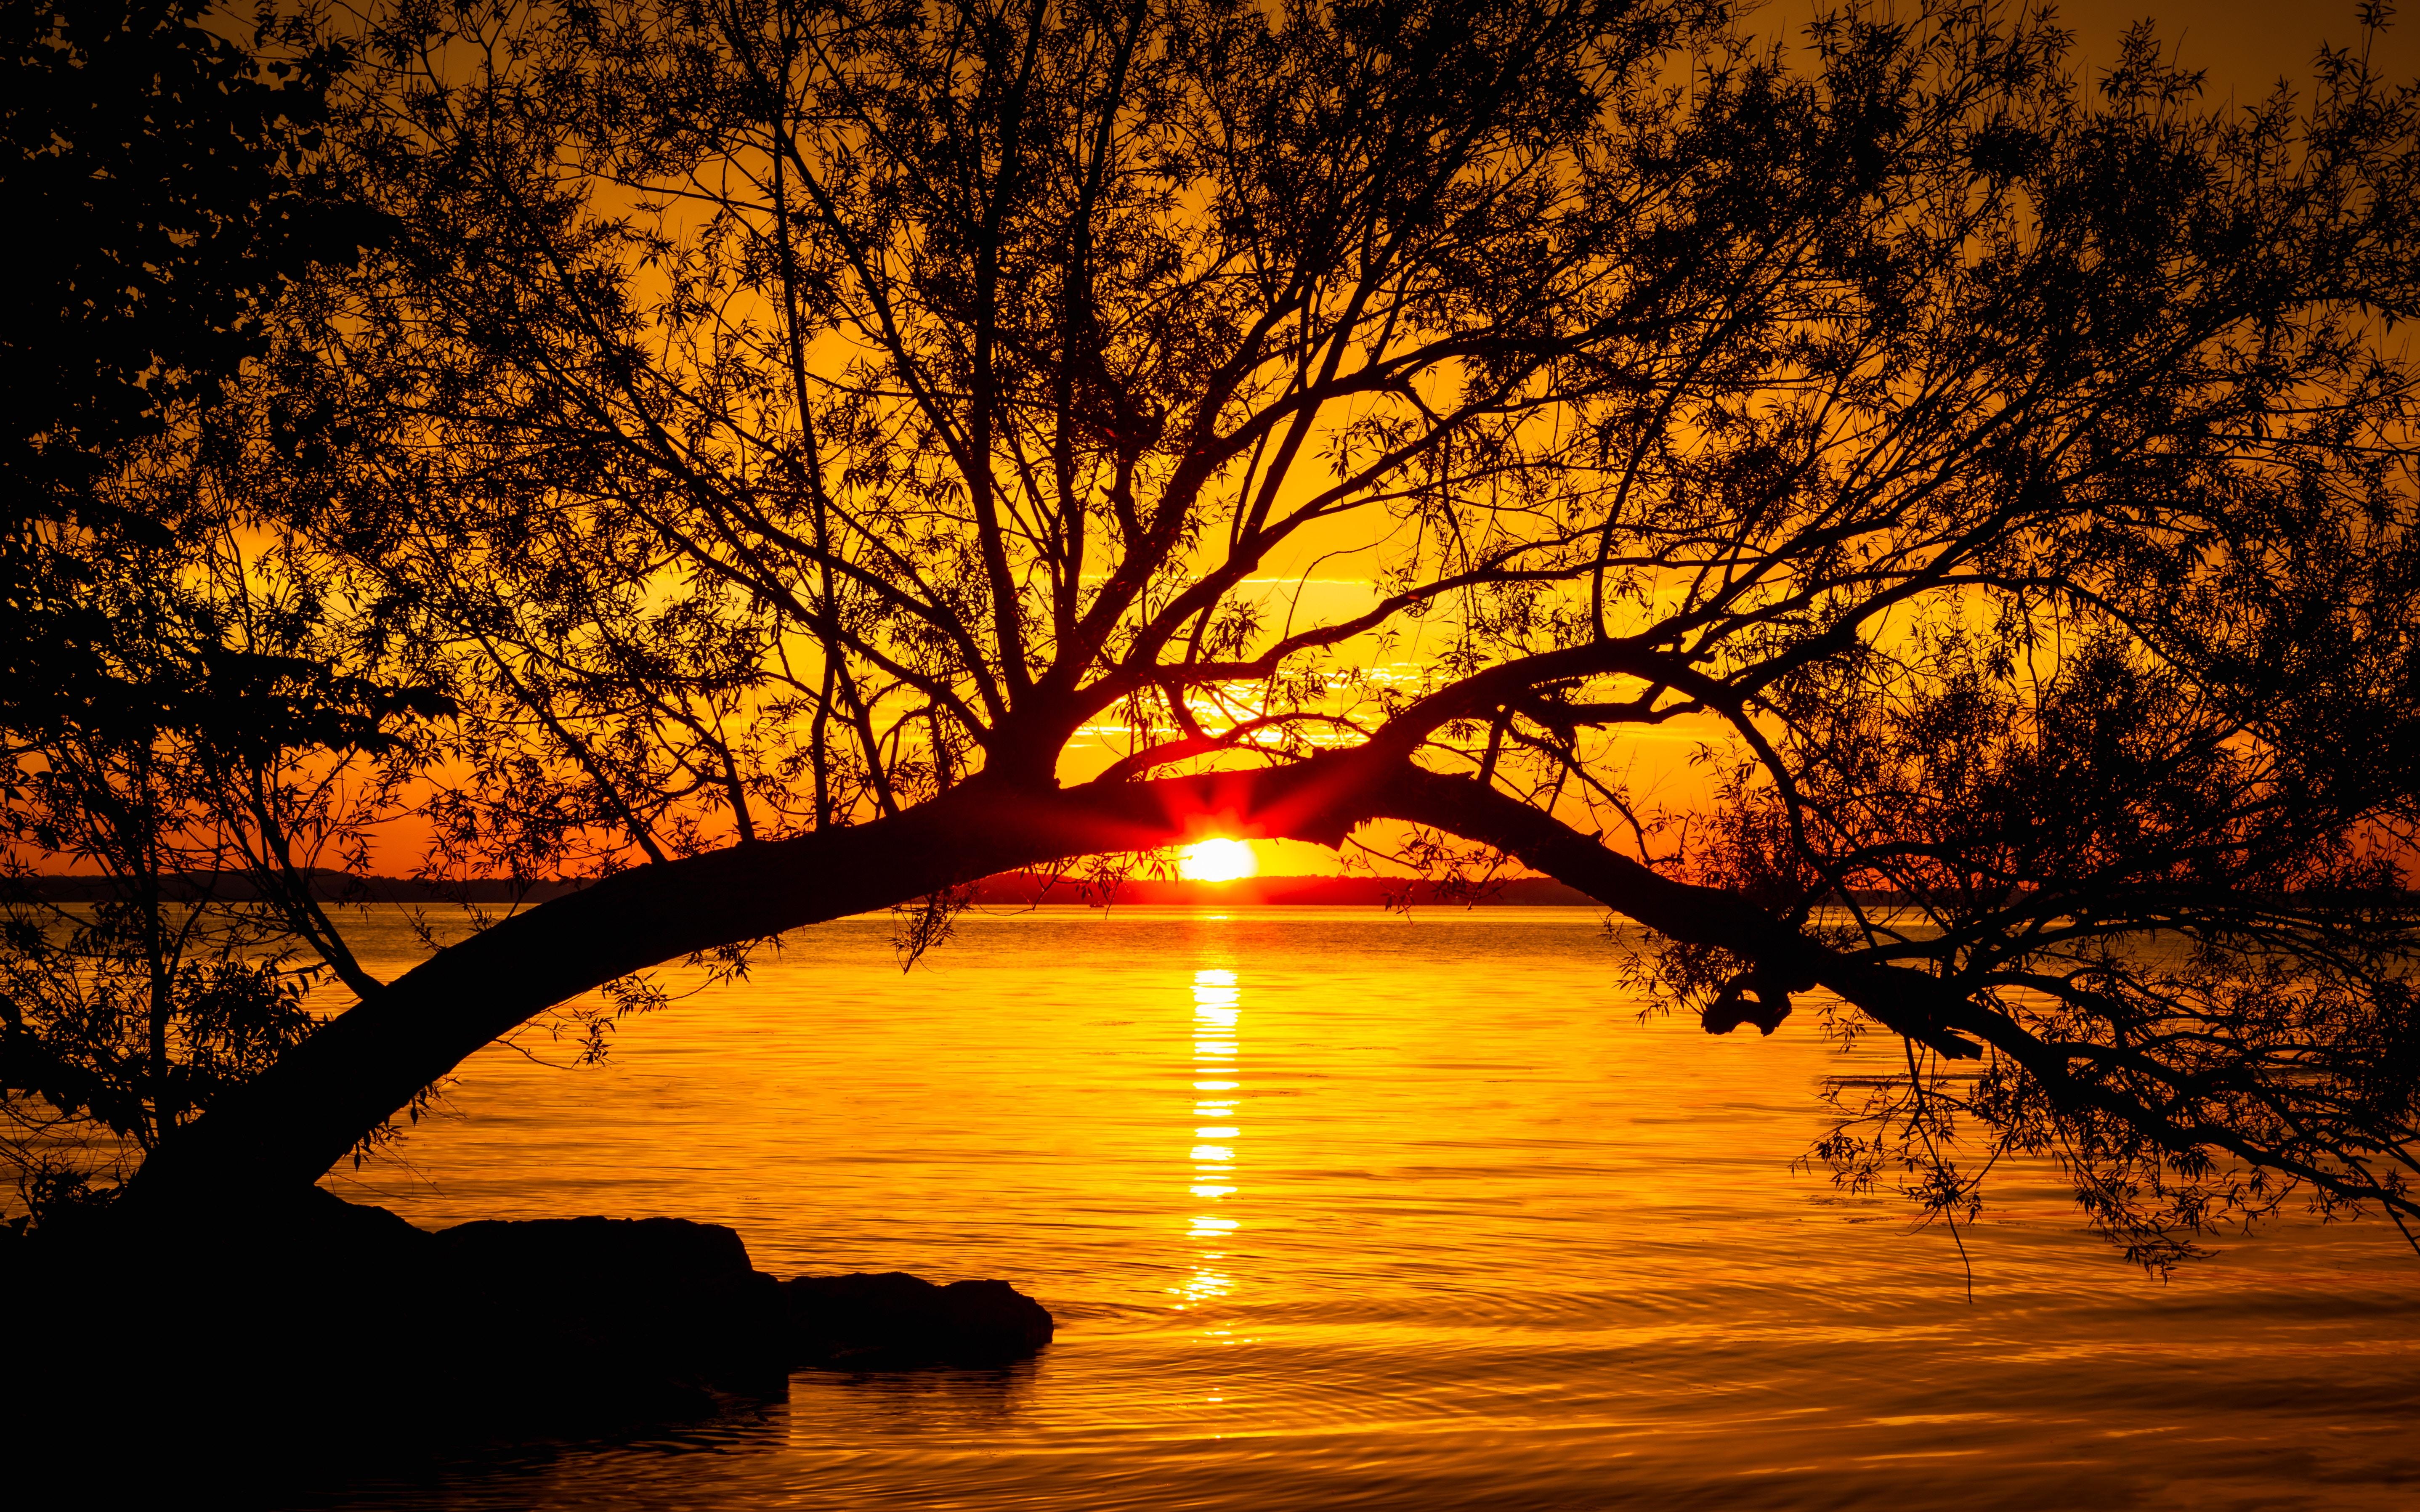 118574 télécharger le fond d'écran Coucher De Soleil, Sun, Nature, Crépuscule, Lac, Bois, Arbre, Lumière Du Soleil, Rayons De Soleil - économiseurs d'écran et images gratuitement